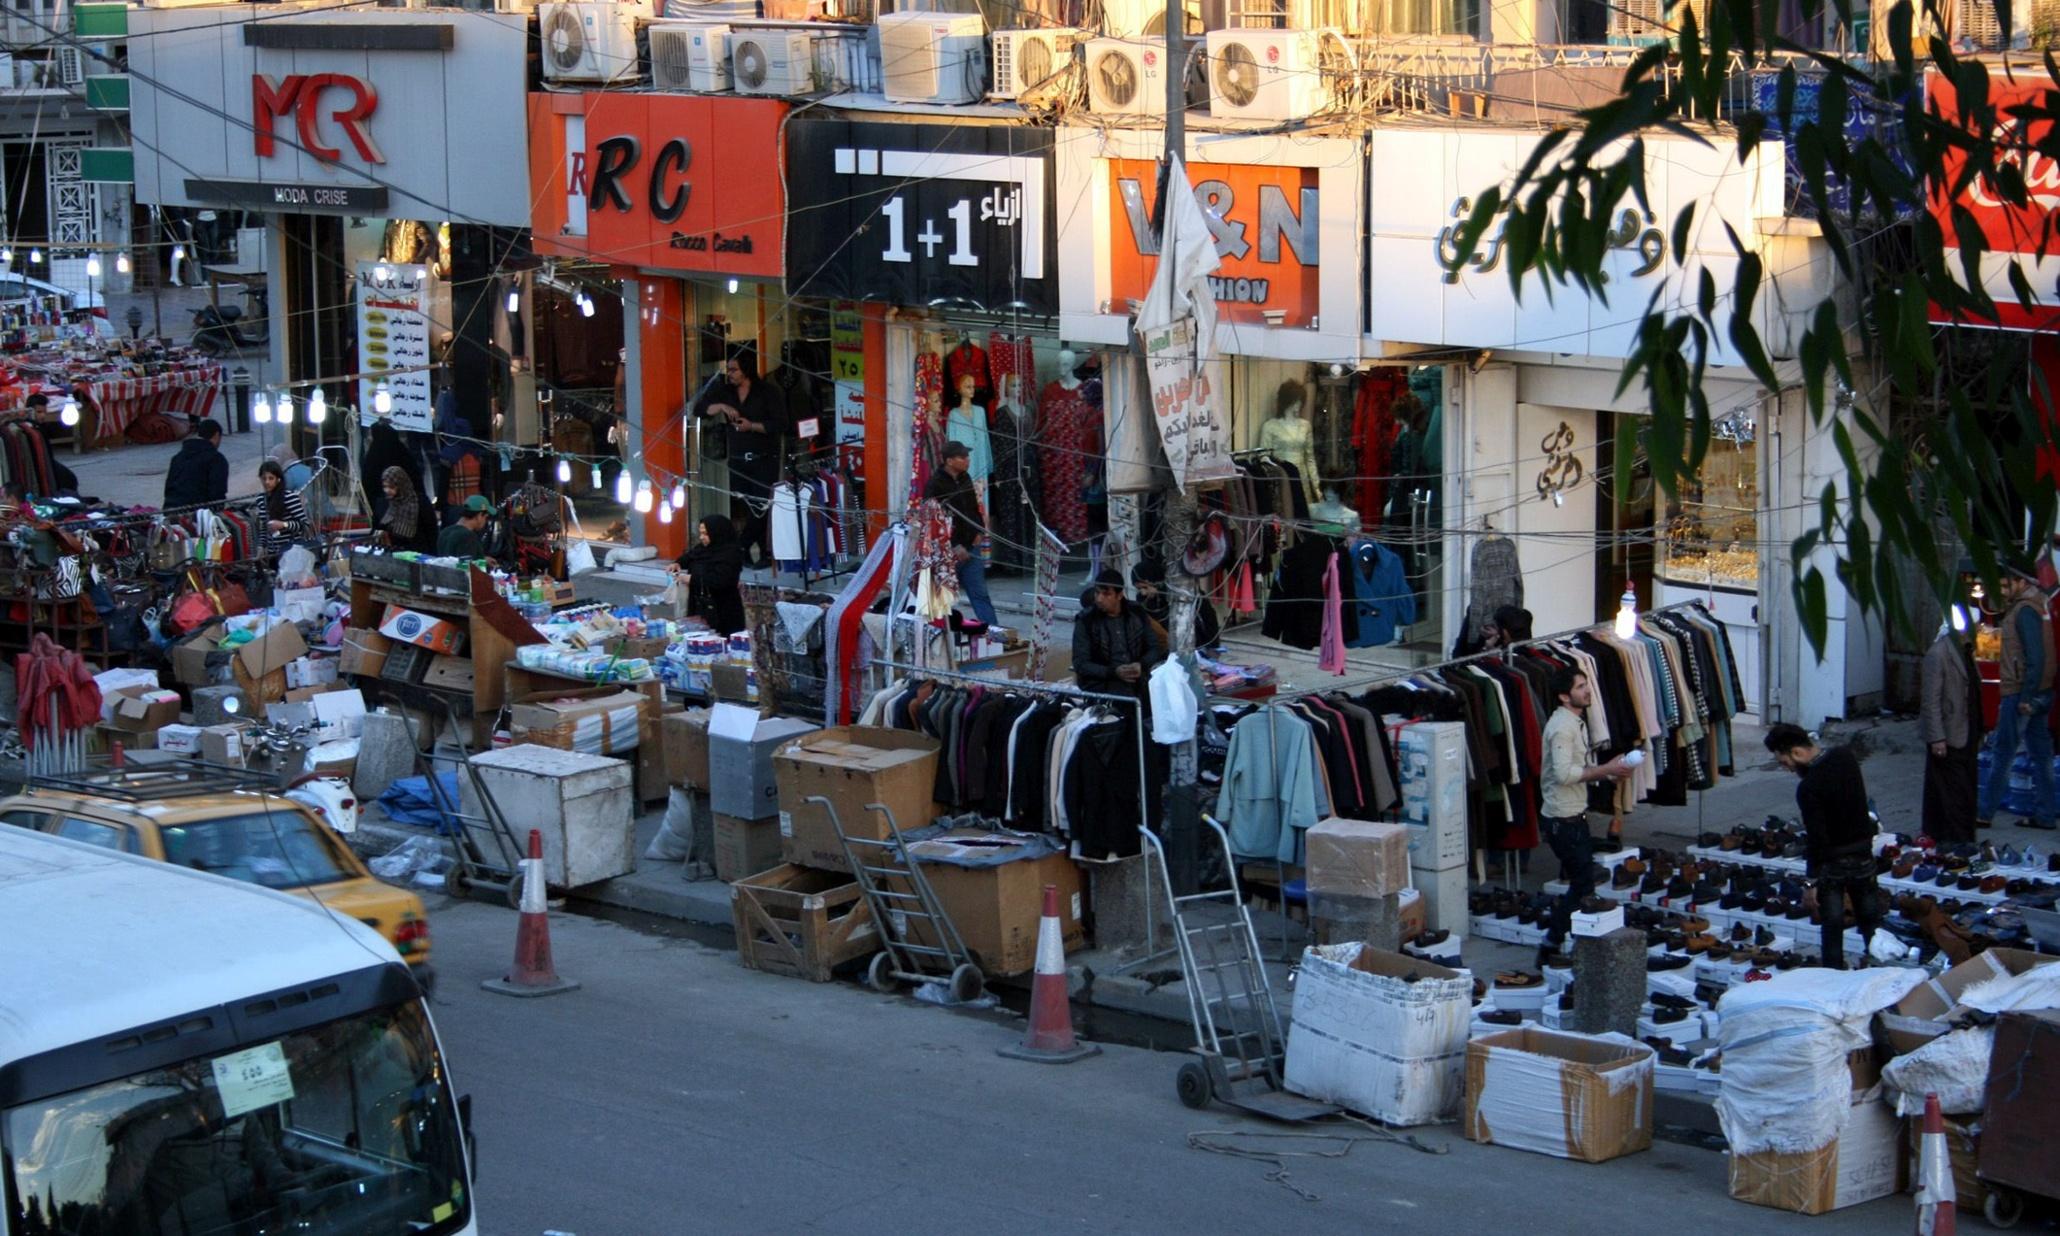 أعراض جانبية: كيف يمكن للعقوبات الأمريكية على إيران أن تضر العراق؟!